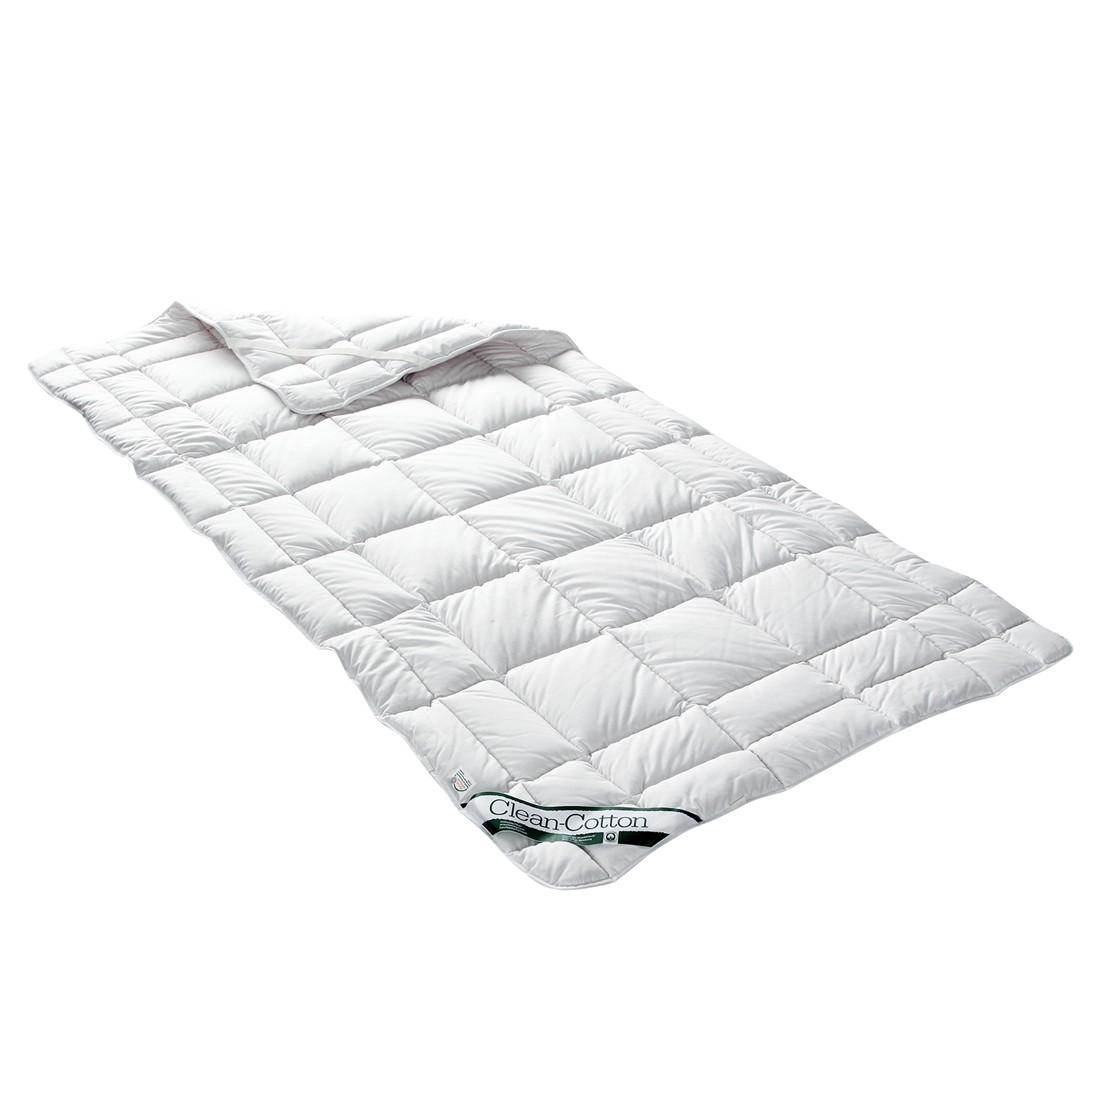 Spannauflage Clean Cotton – Baumwollfüllung – 100 x 200 cm, Badenia kaufen